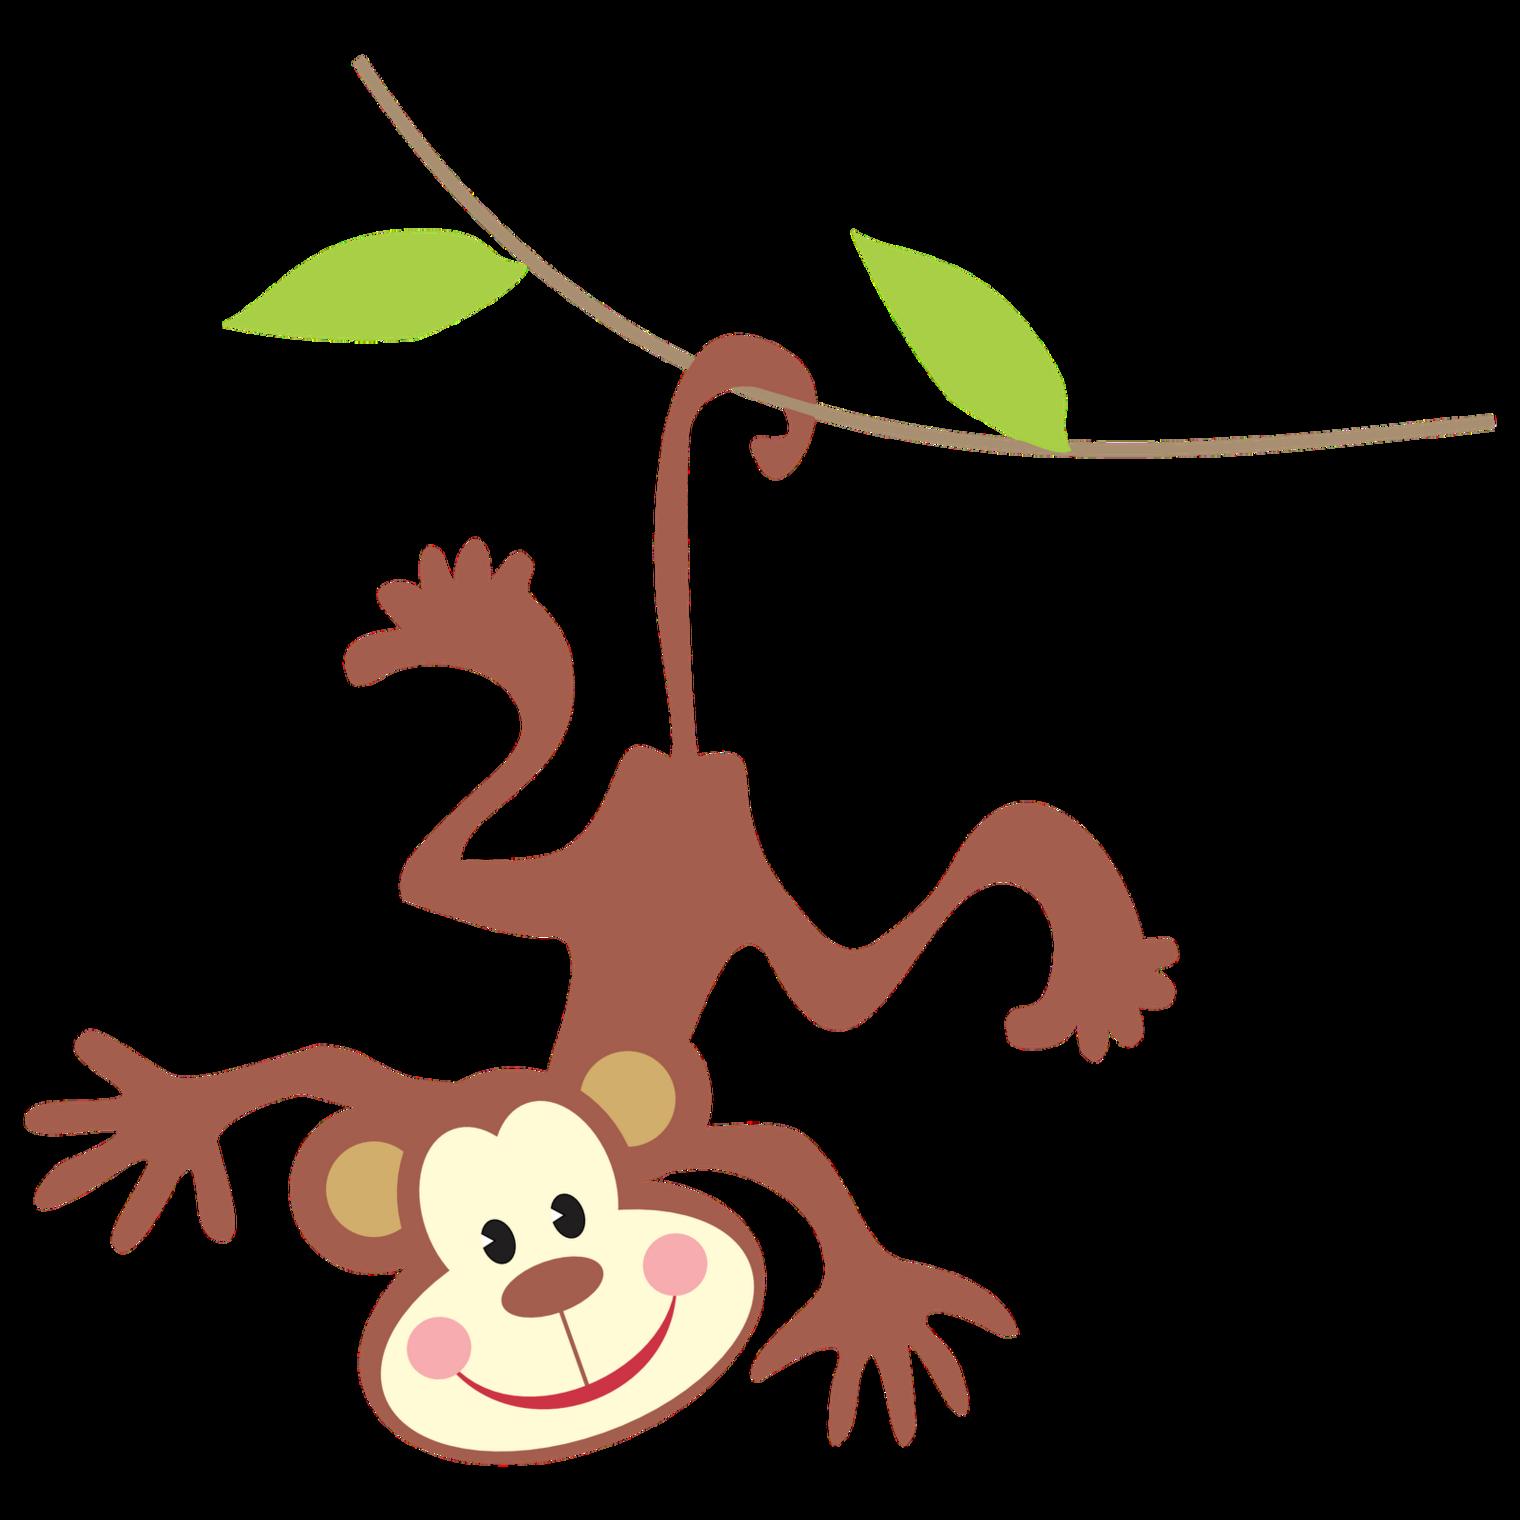 Safari clipart rainforest monkey Com clipart Gclipart Monkey Jungle